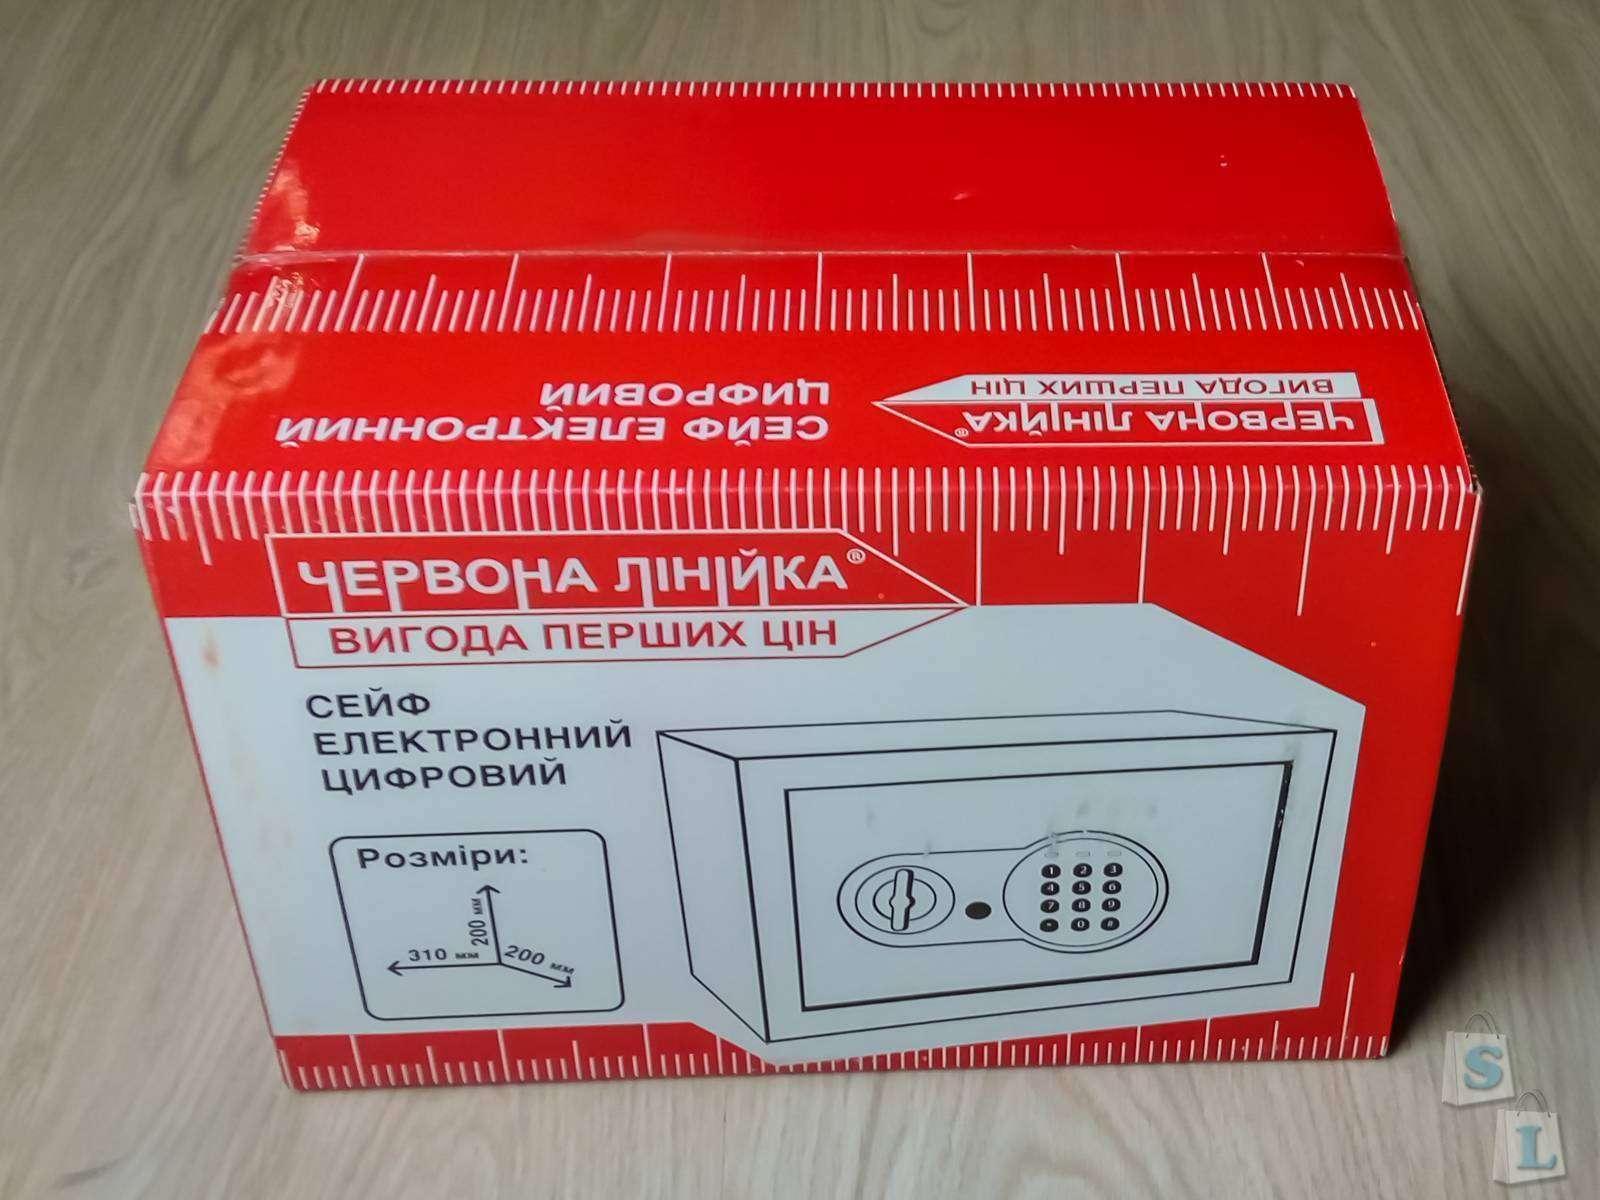 Эпицентр К: Недорогой домашний сейф червона лінійка (красная линия)